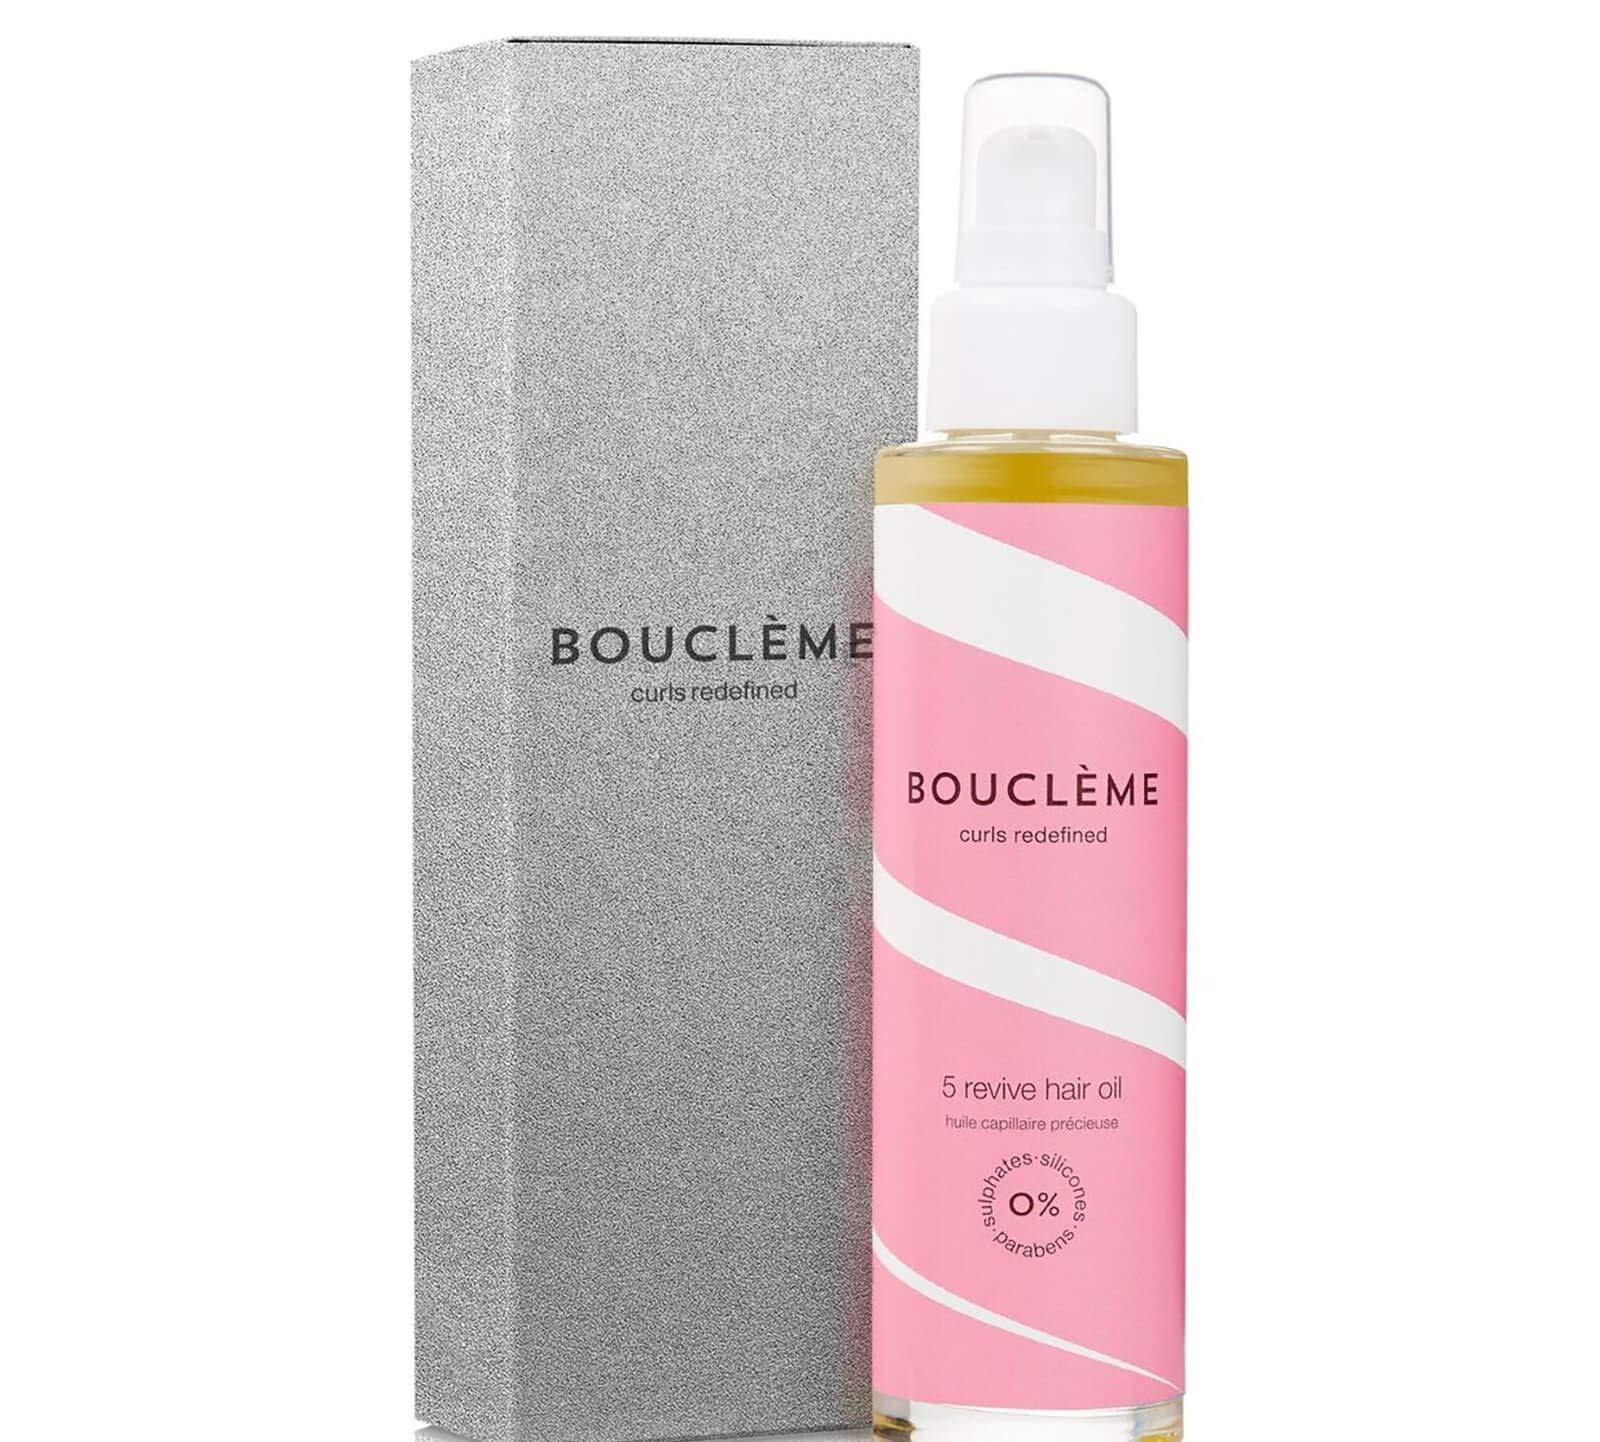 Bouclème Revive 5 Hair Oil (100ml) Count 1